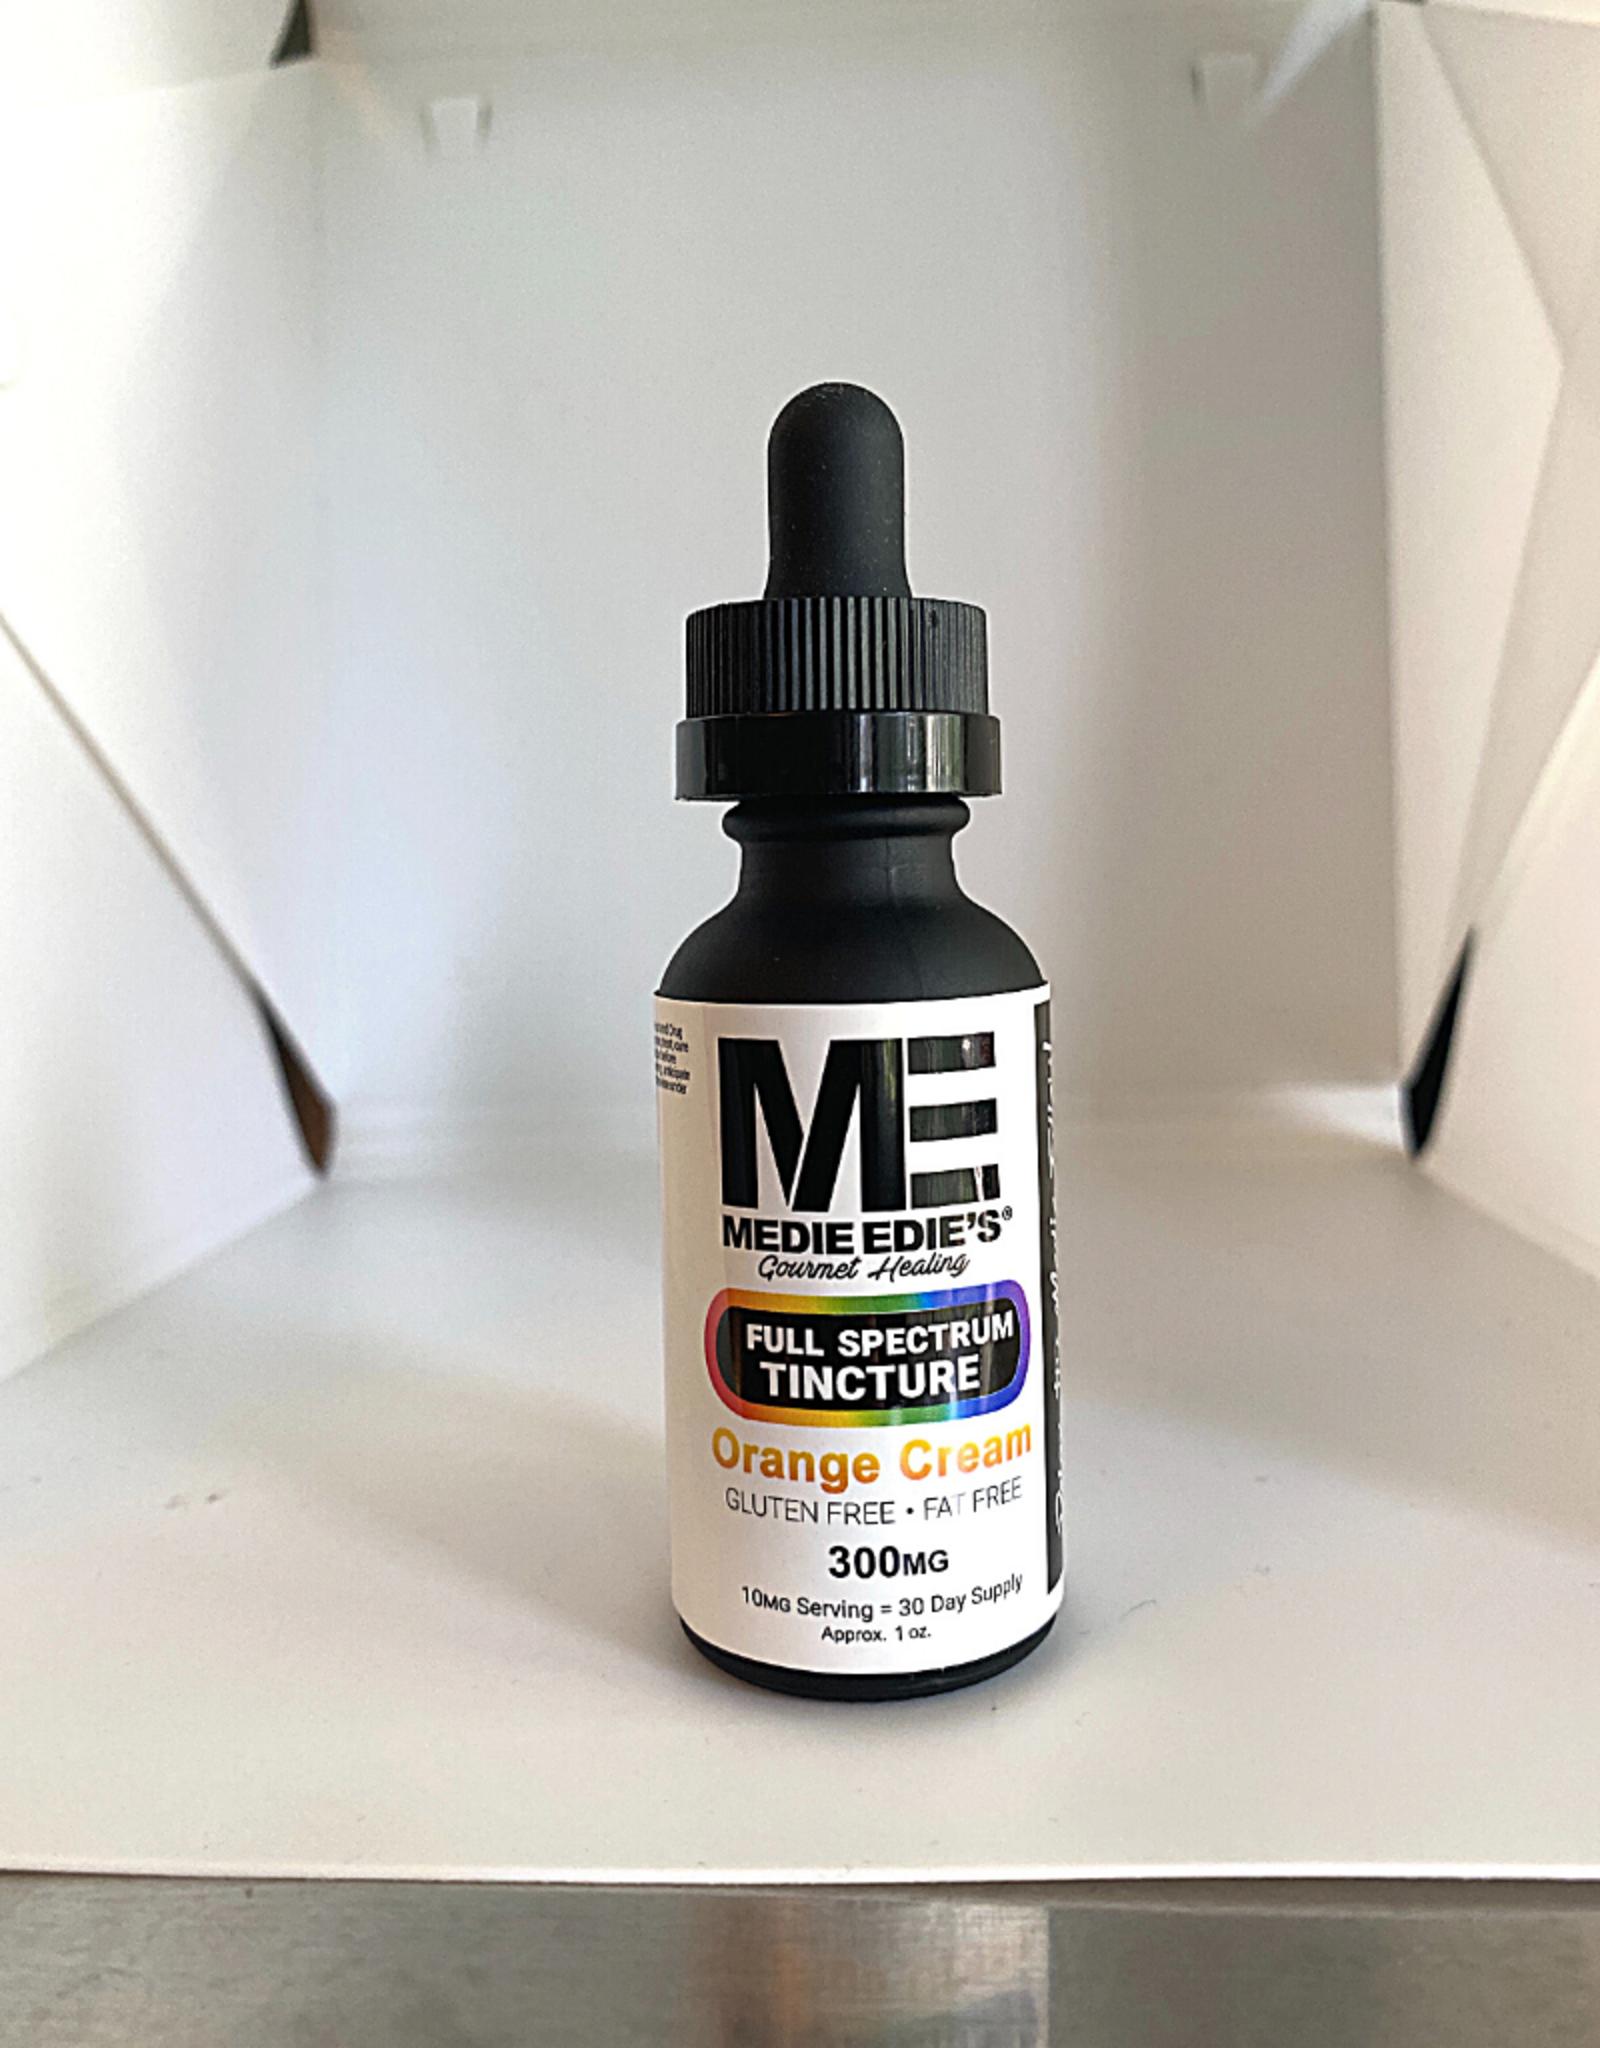 Medie Edie's Medie Edie's 30ml Full Spectrum Tincture  Orange Cream - 10mg.300mg